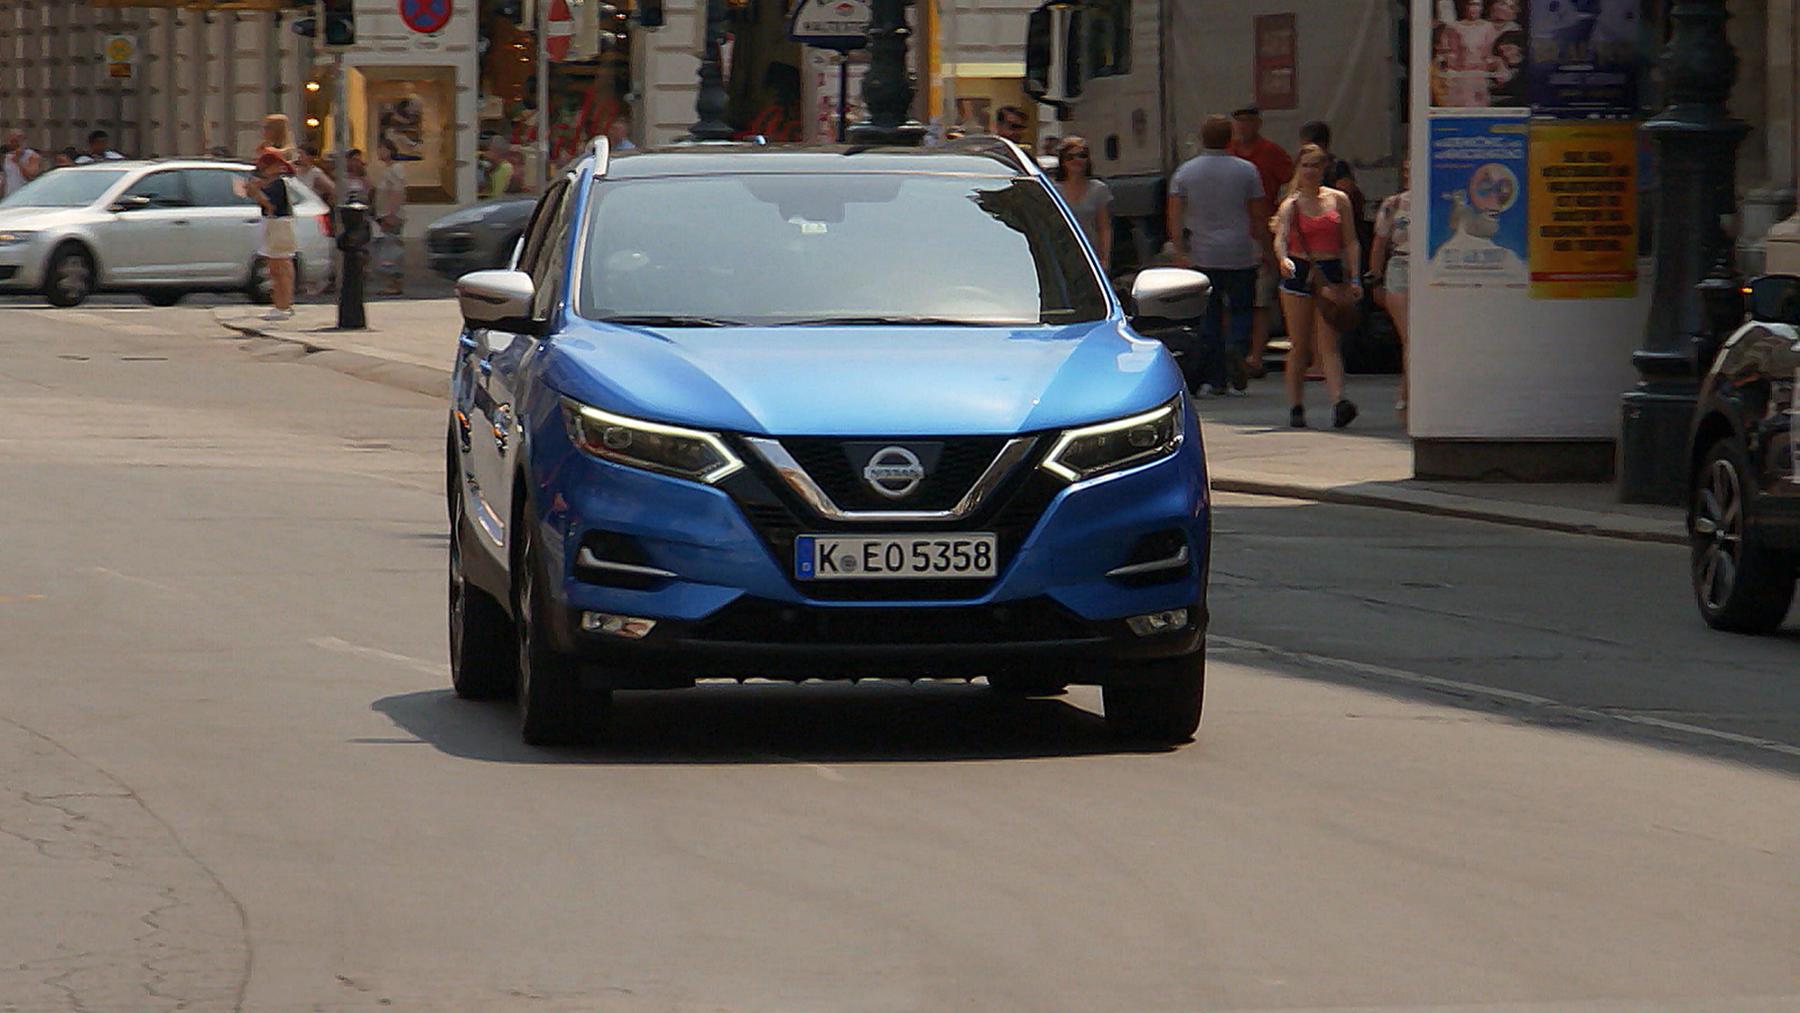 Thema u.a.: Nissan Qasqai